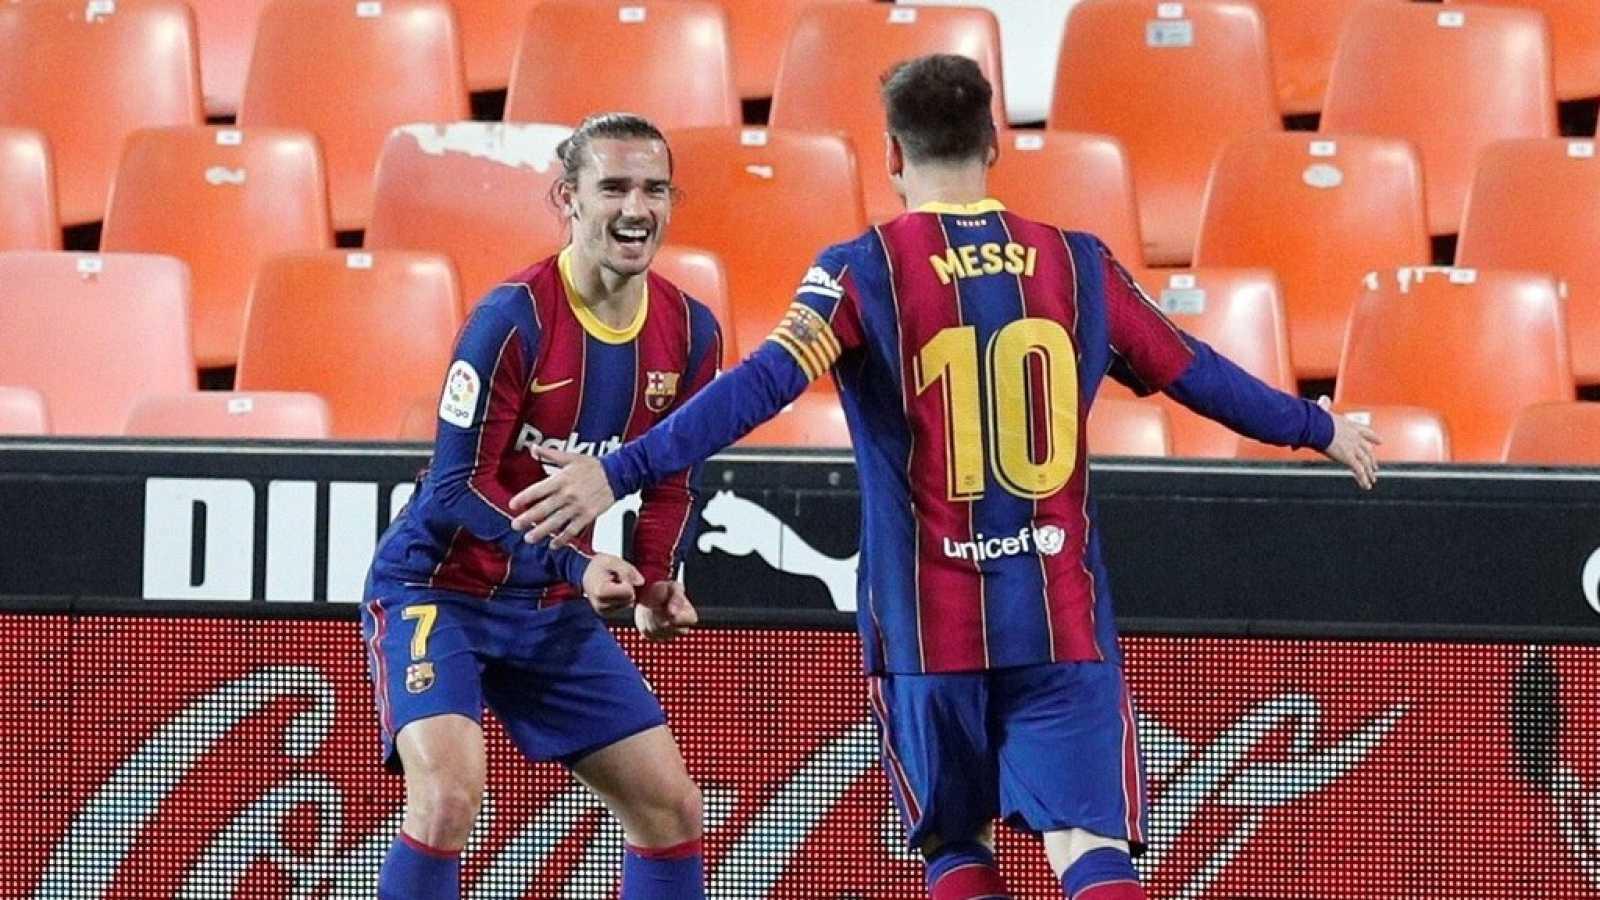 Tablero deportivo - El F.C. Barcelona tampoco se baja de La Liga - Escuchar ahora